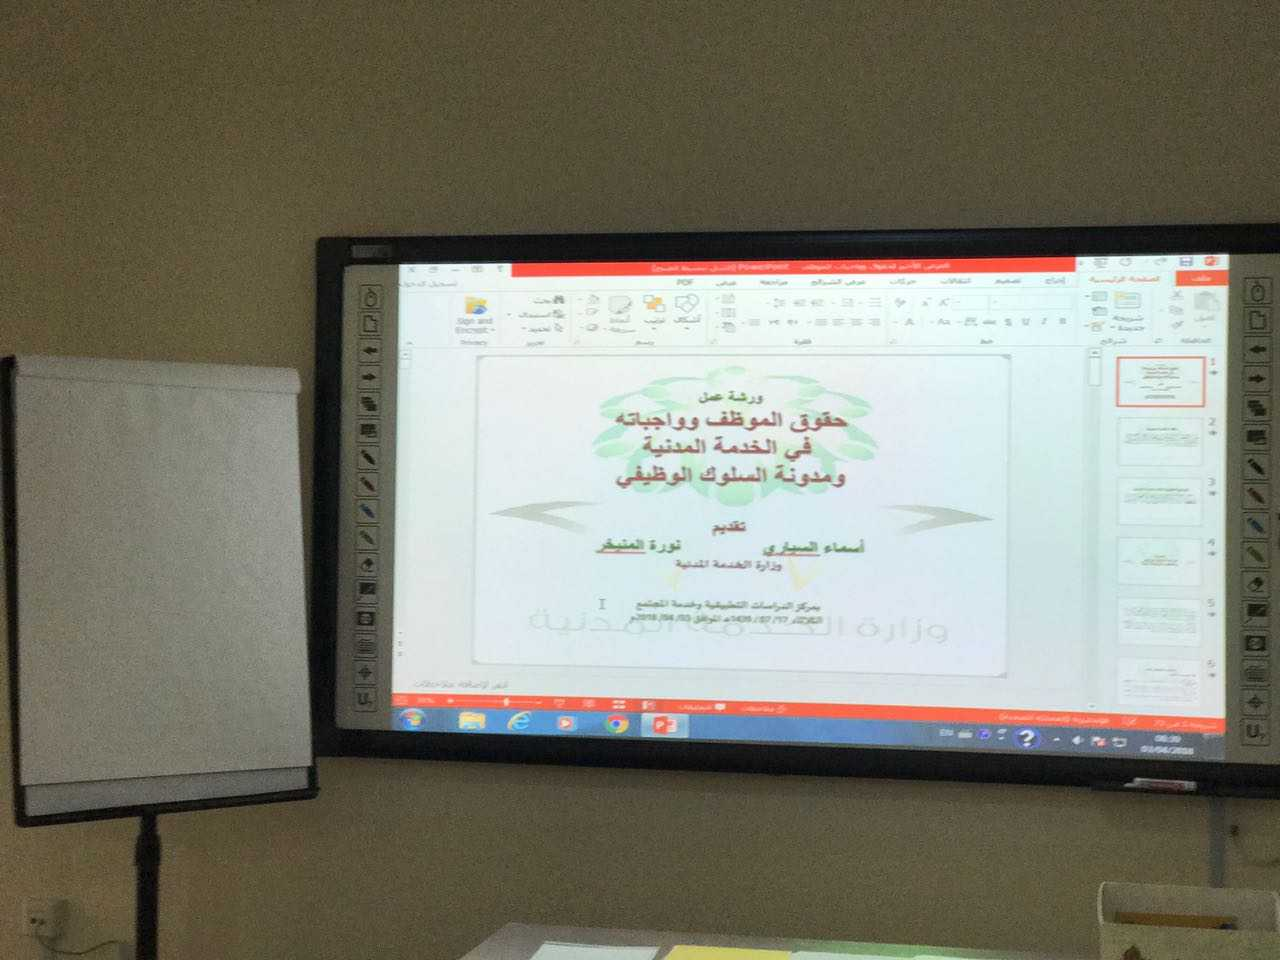 ورشة عمل حقوق وواجبات الموظف في الخدمة المدنية